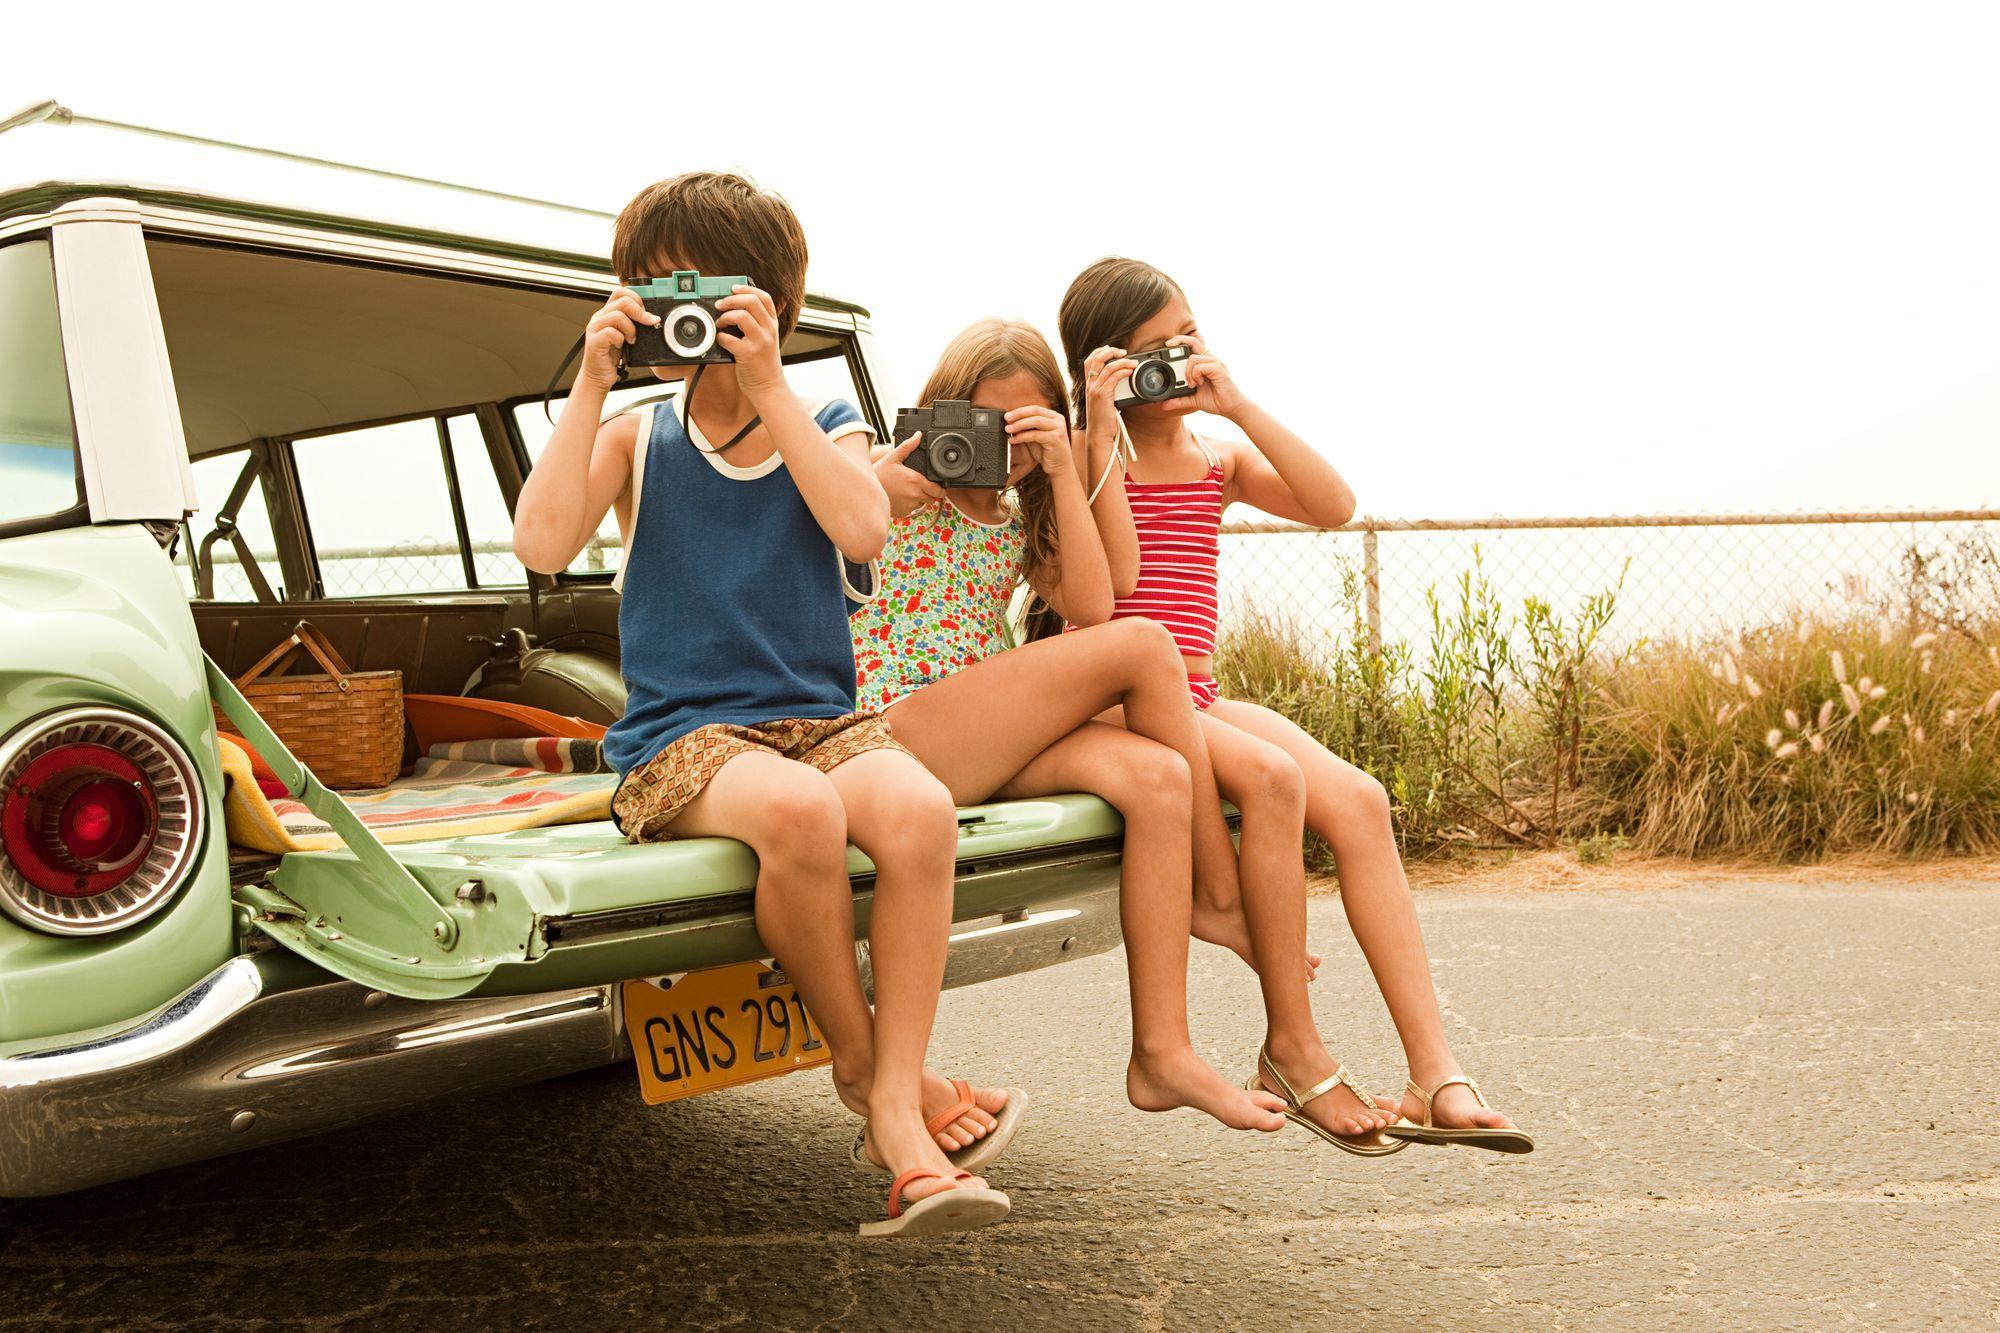 niños-viaje-intercambiodecasas-familia-vacaciones-fotografía